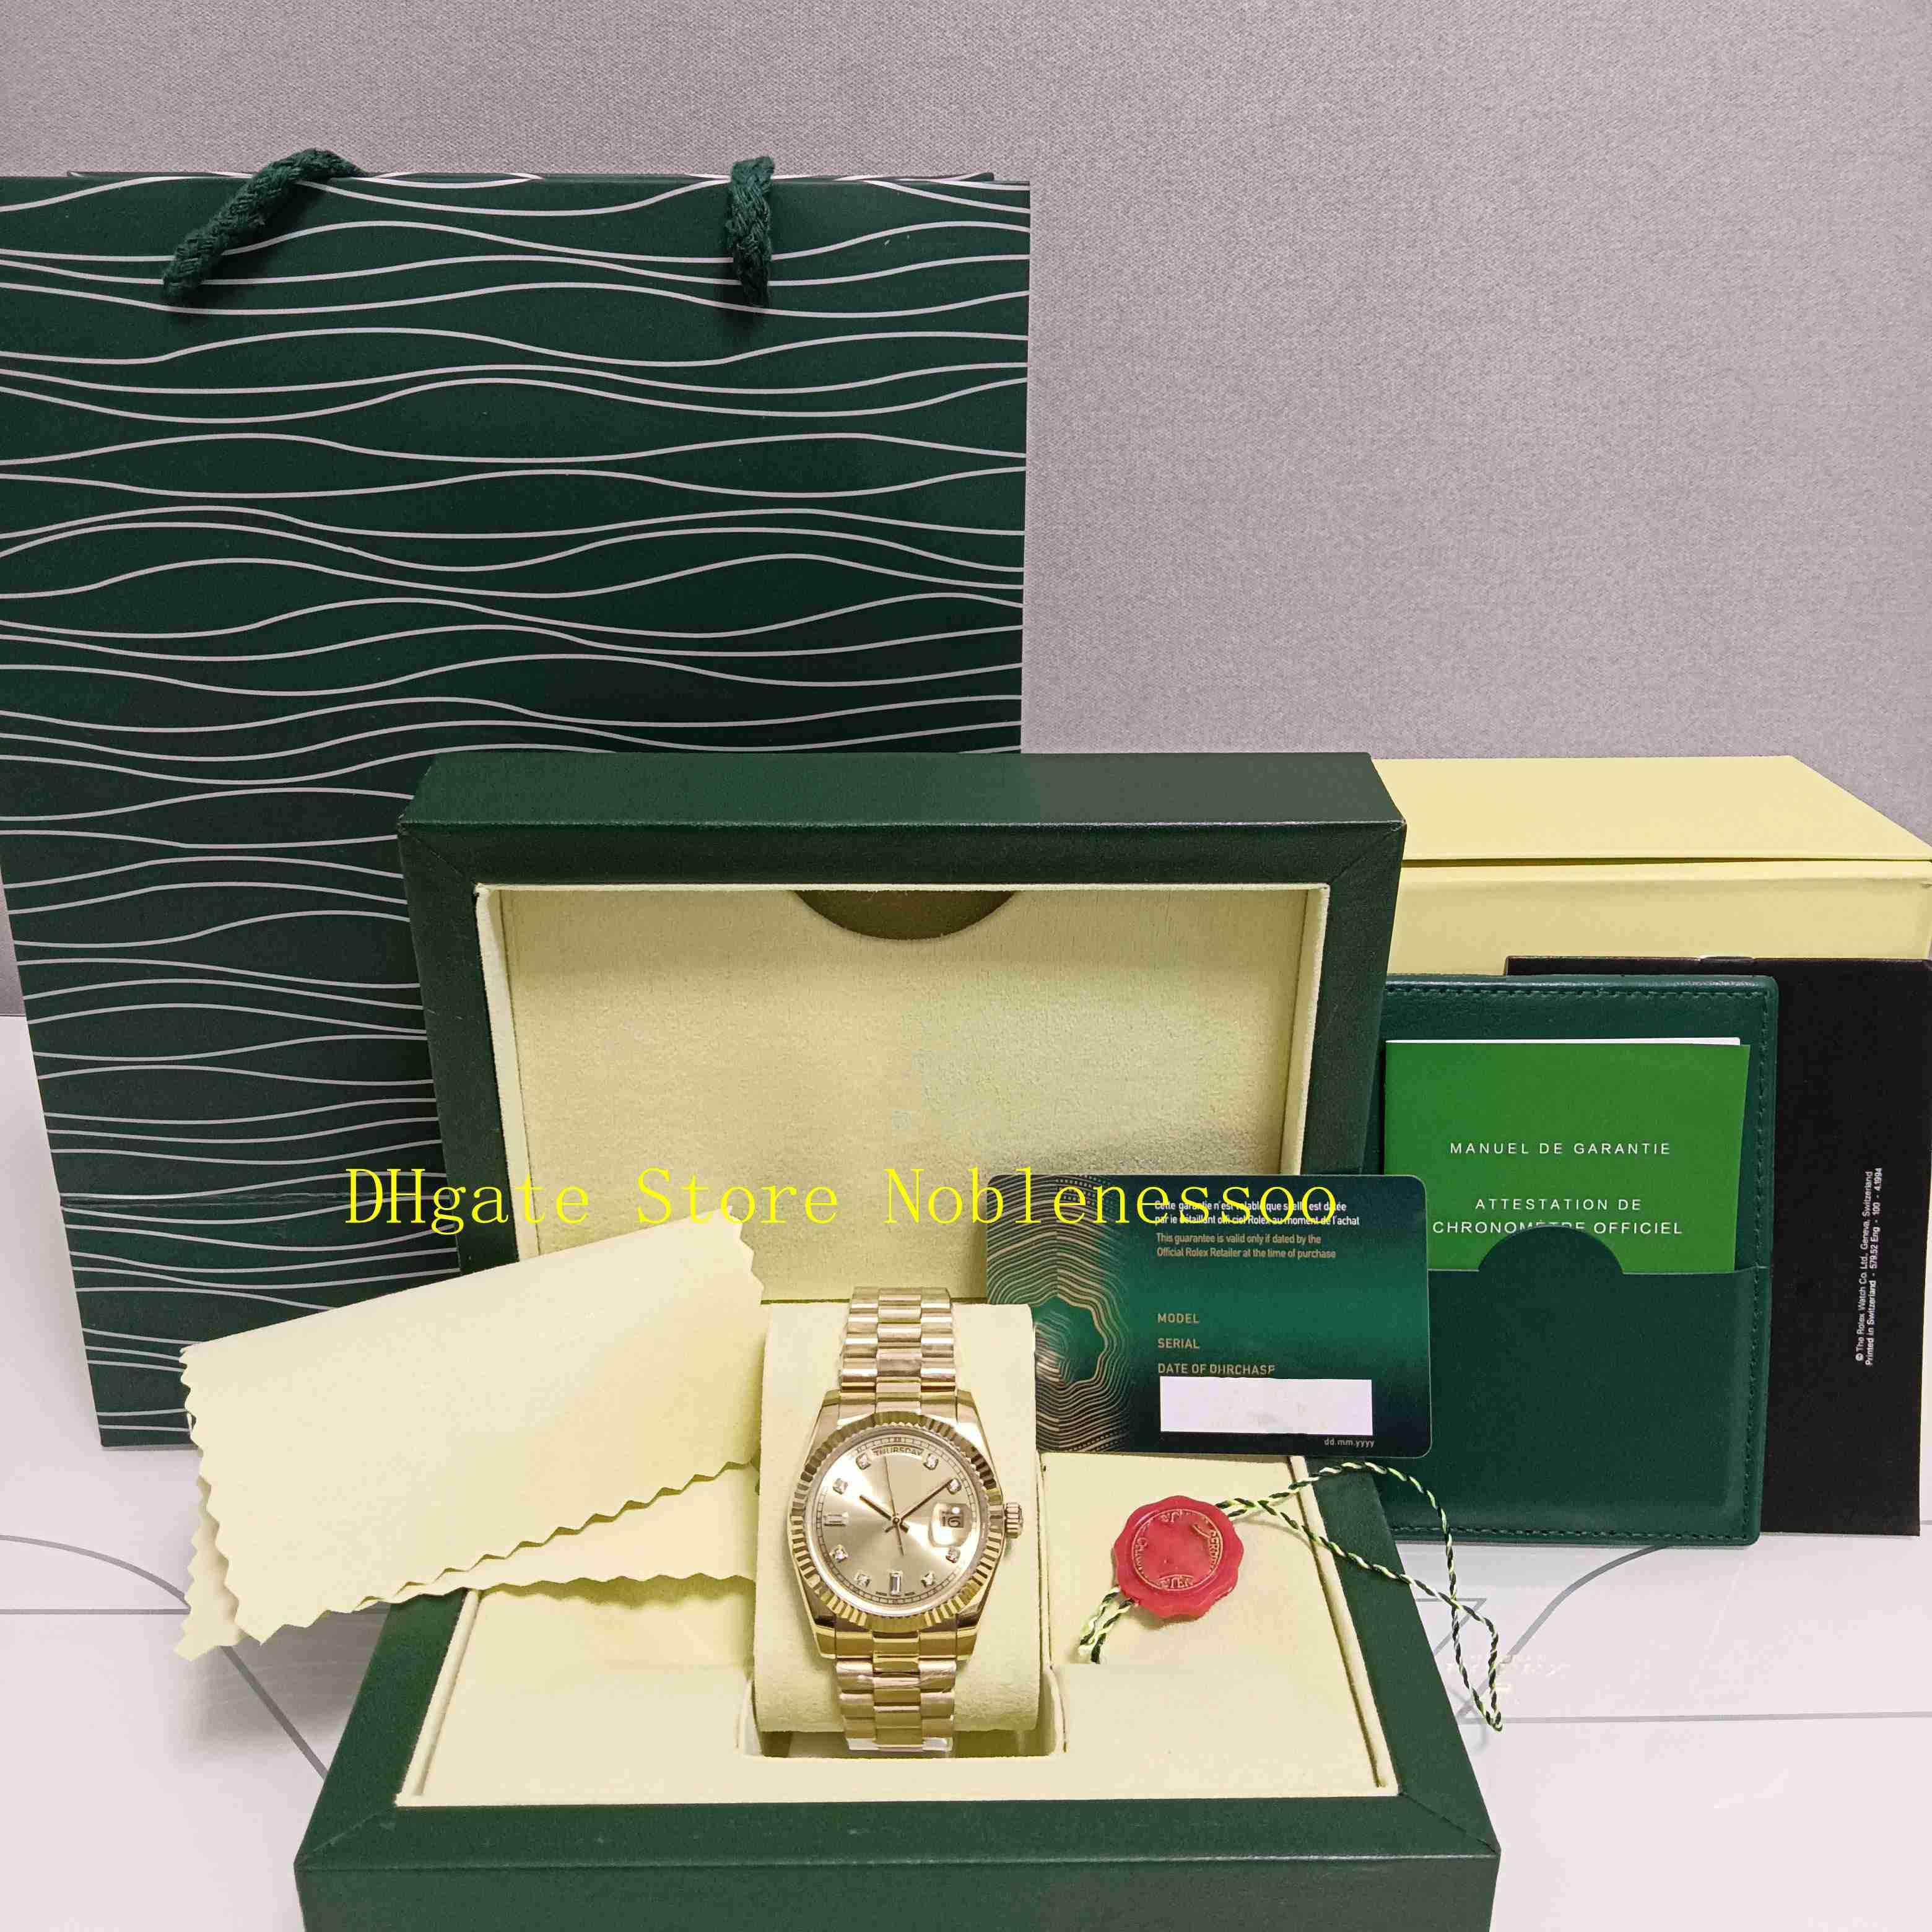 Orijinal Kutusu Midsize Ile 2 Stil Erkek Tarihi 118238 Sarı Altın 36mm Şampanya Elmas Arama Başkan Bilezik kadın Otomatik Saatler